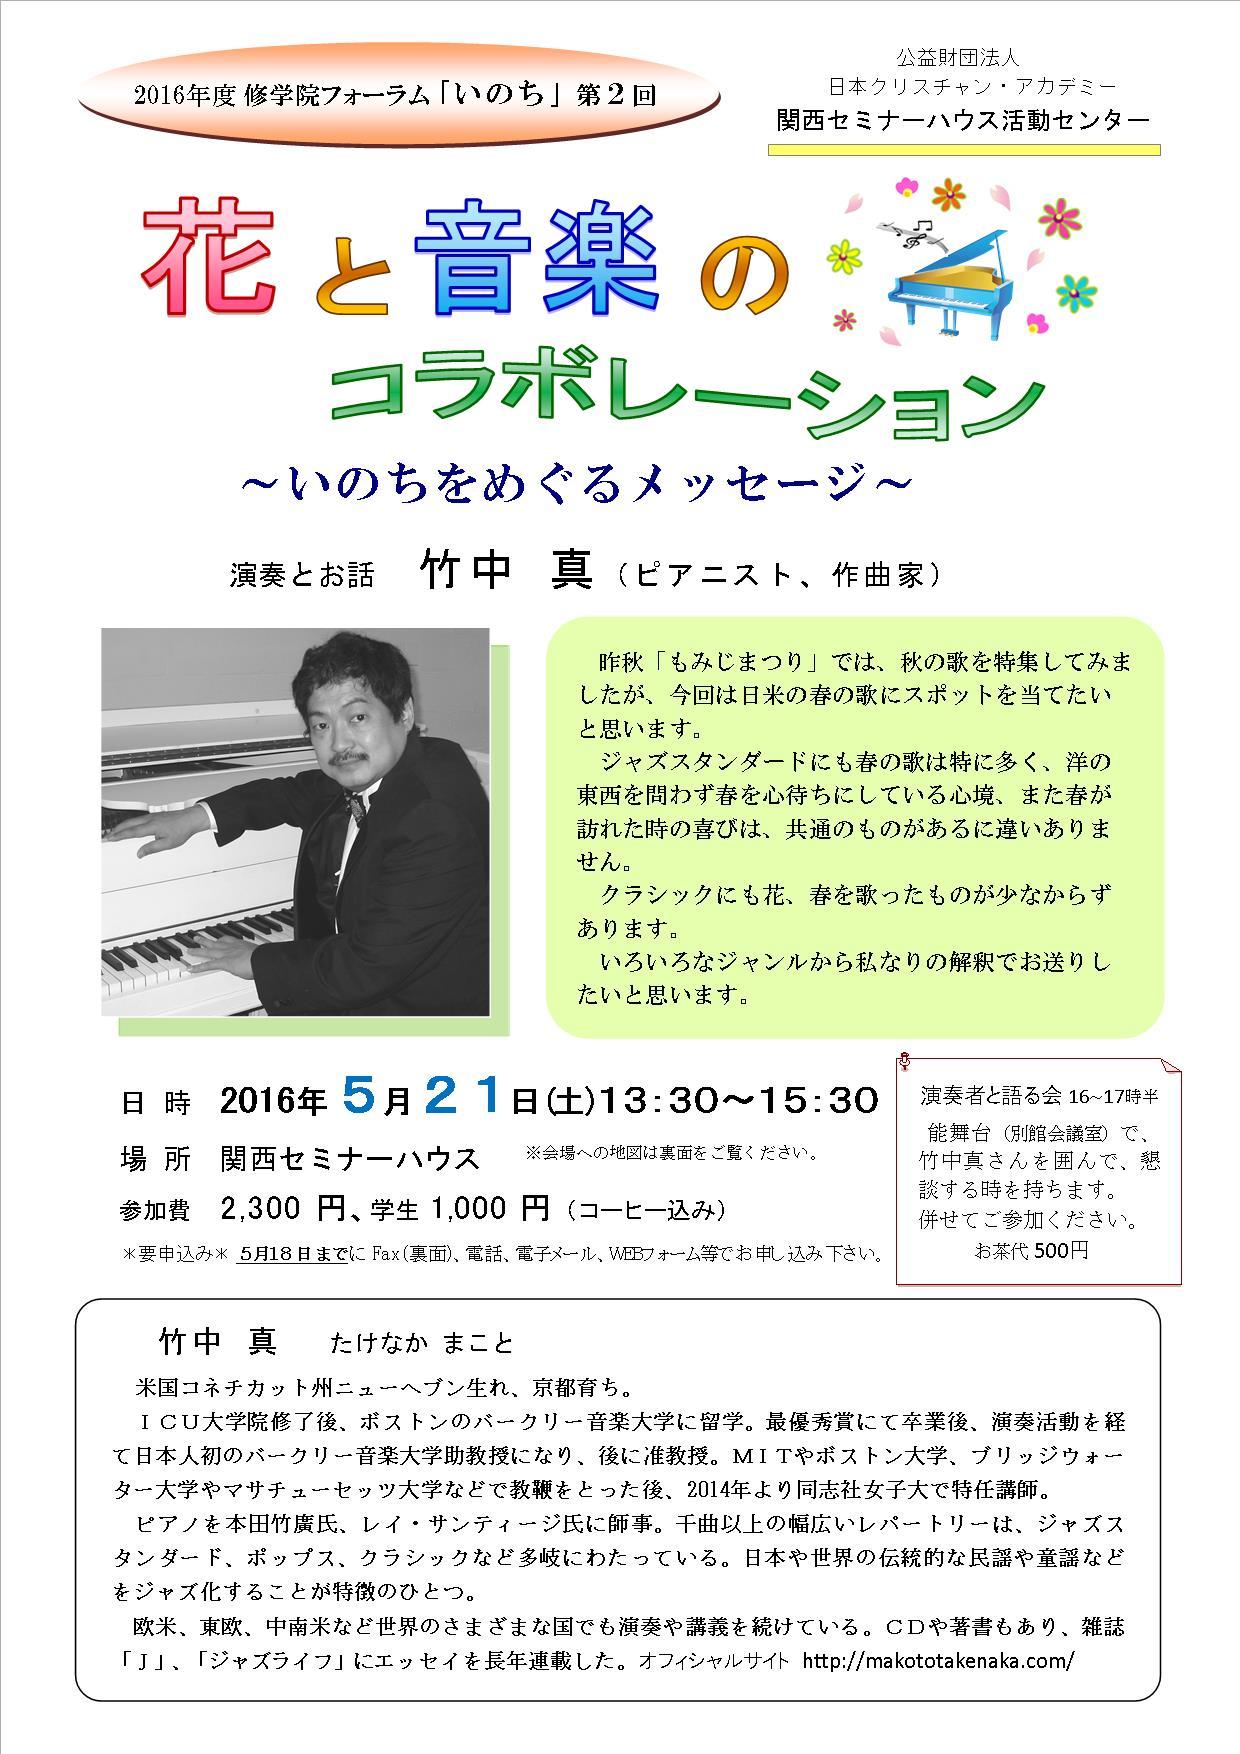 2016-いのち-2 チラシ - 2表 04-07.jpg